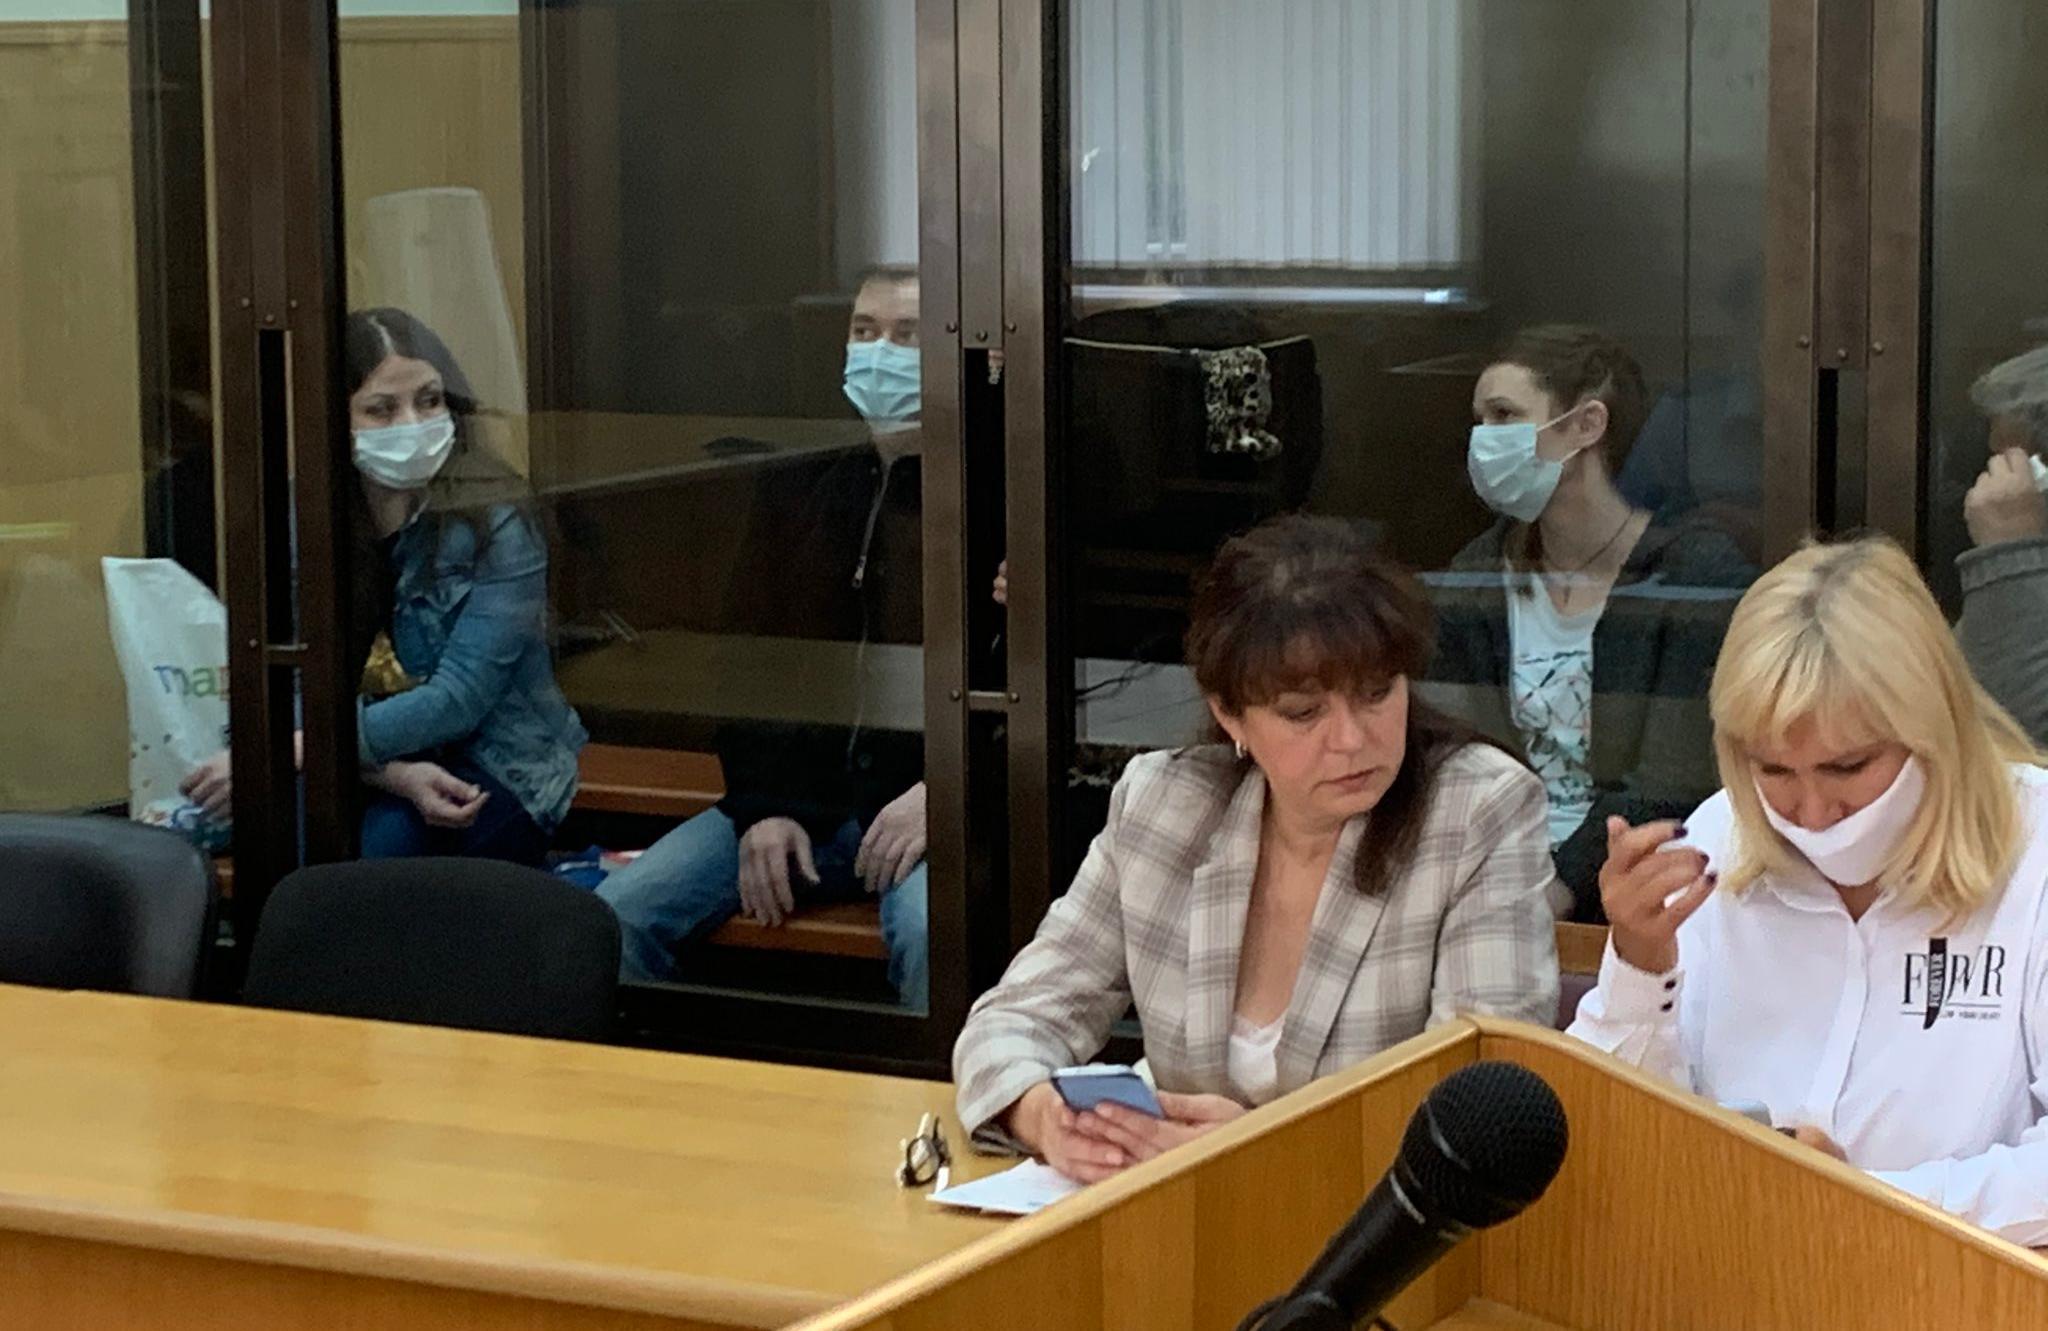 Участники банды риэлторов, топившие жертв живьем, получили от 3 до 17 лет заключения  - новости Афанасий